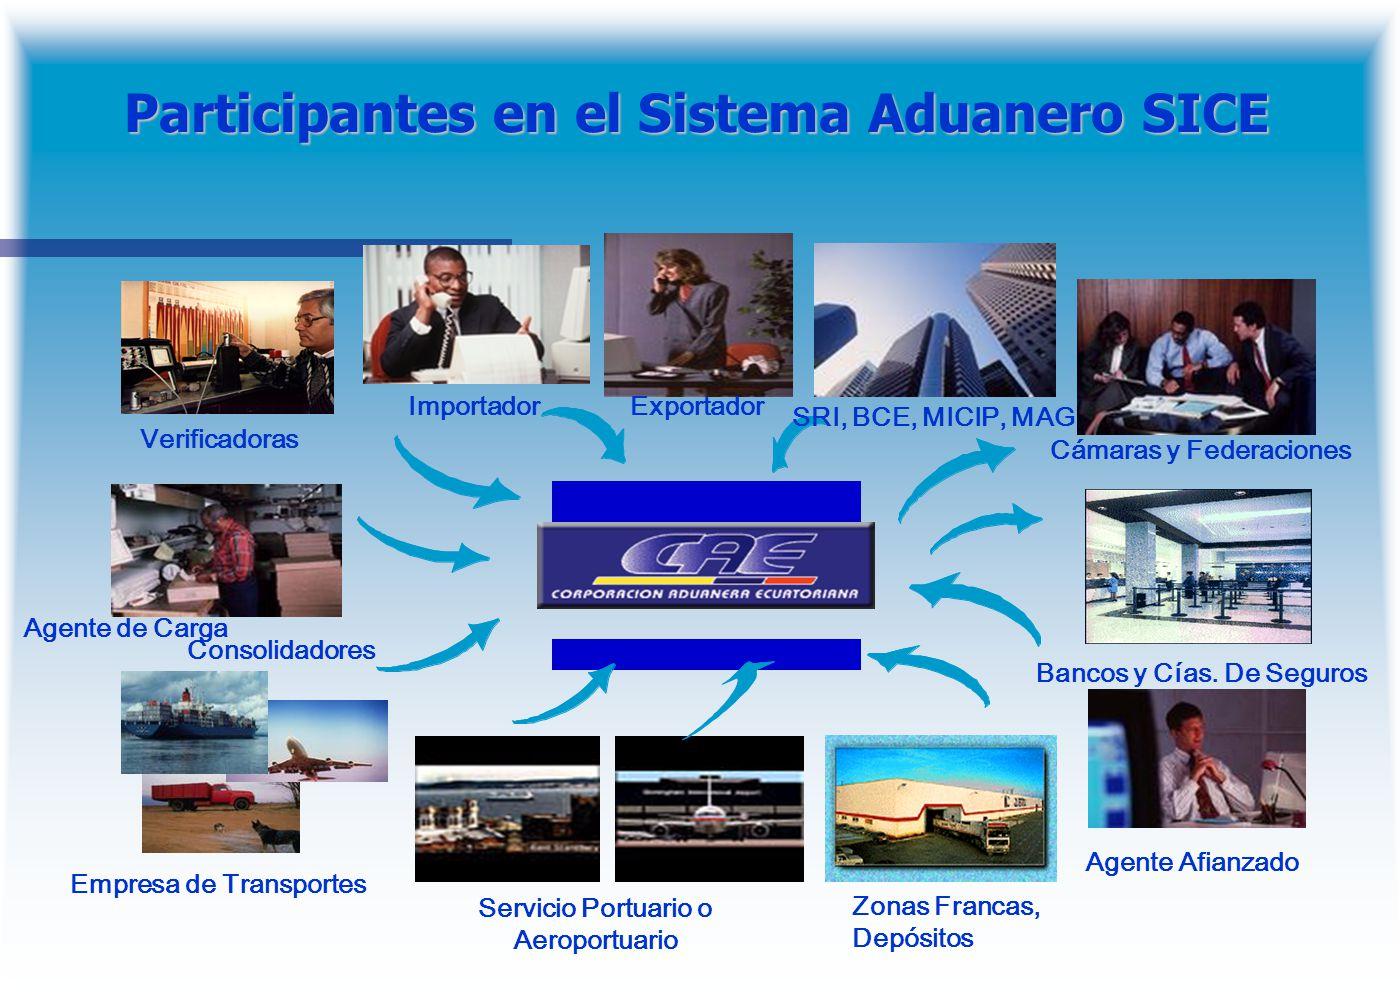 Participantes en el Sistema Aduanero SICE Importador Verificadoras Consolidadores Empresa de Transportes Servicio Portuario o Aeroportuario Zonas Fran